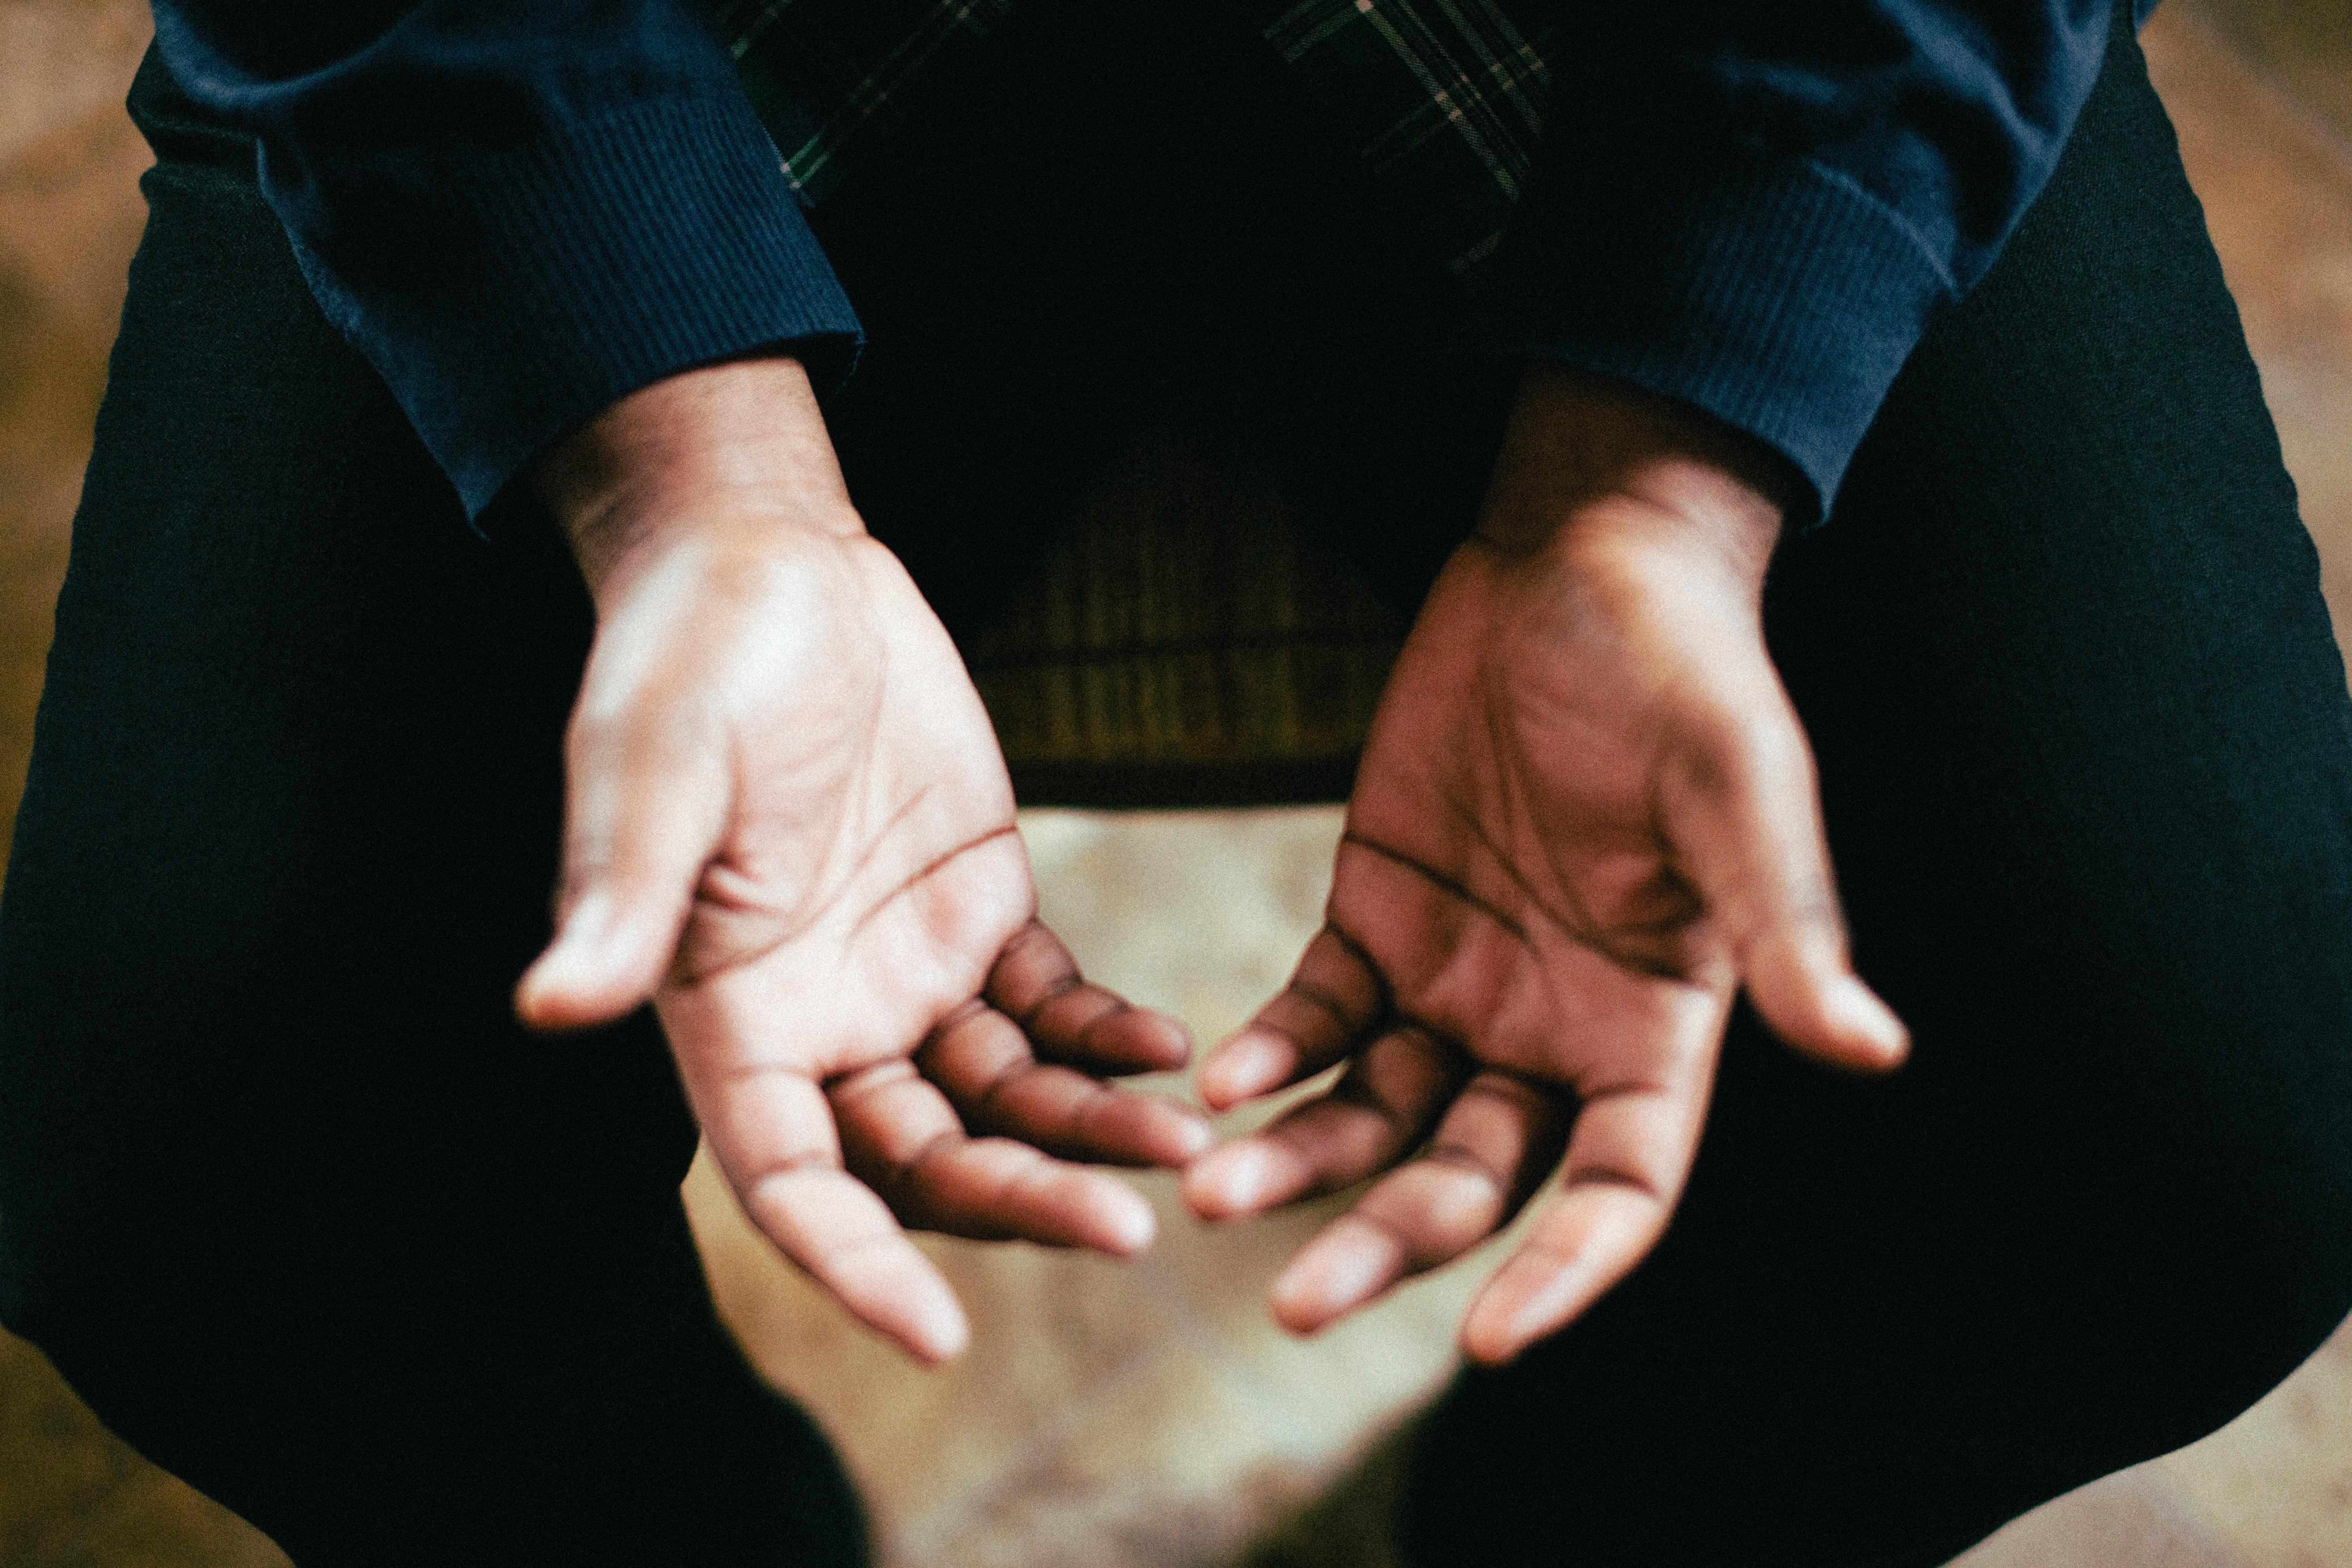 hands, prayer, talking Photo by Jeremy Yap on Unsplash